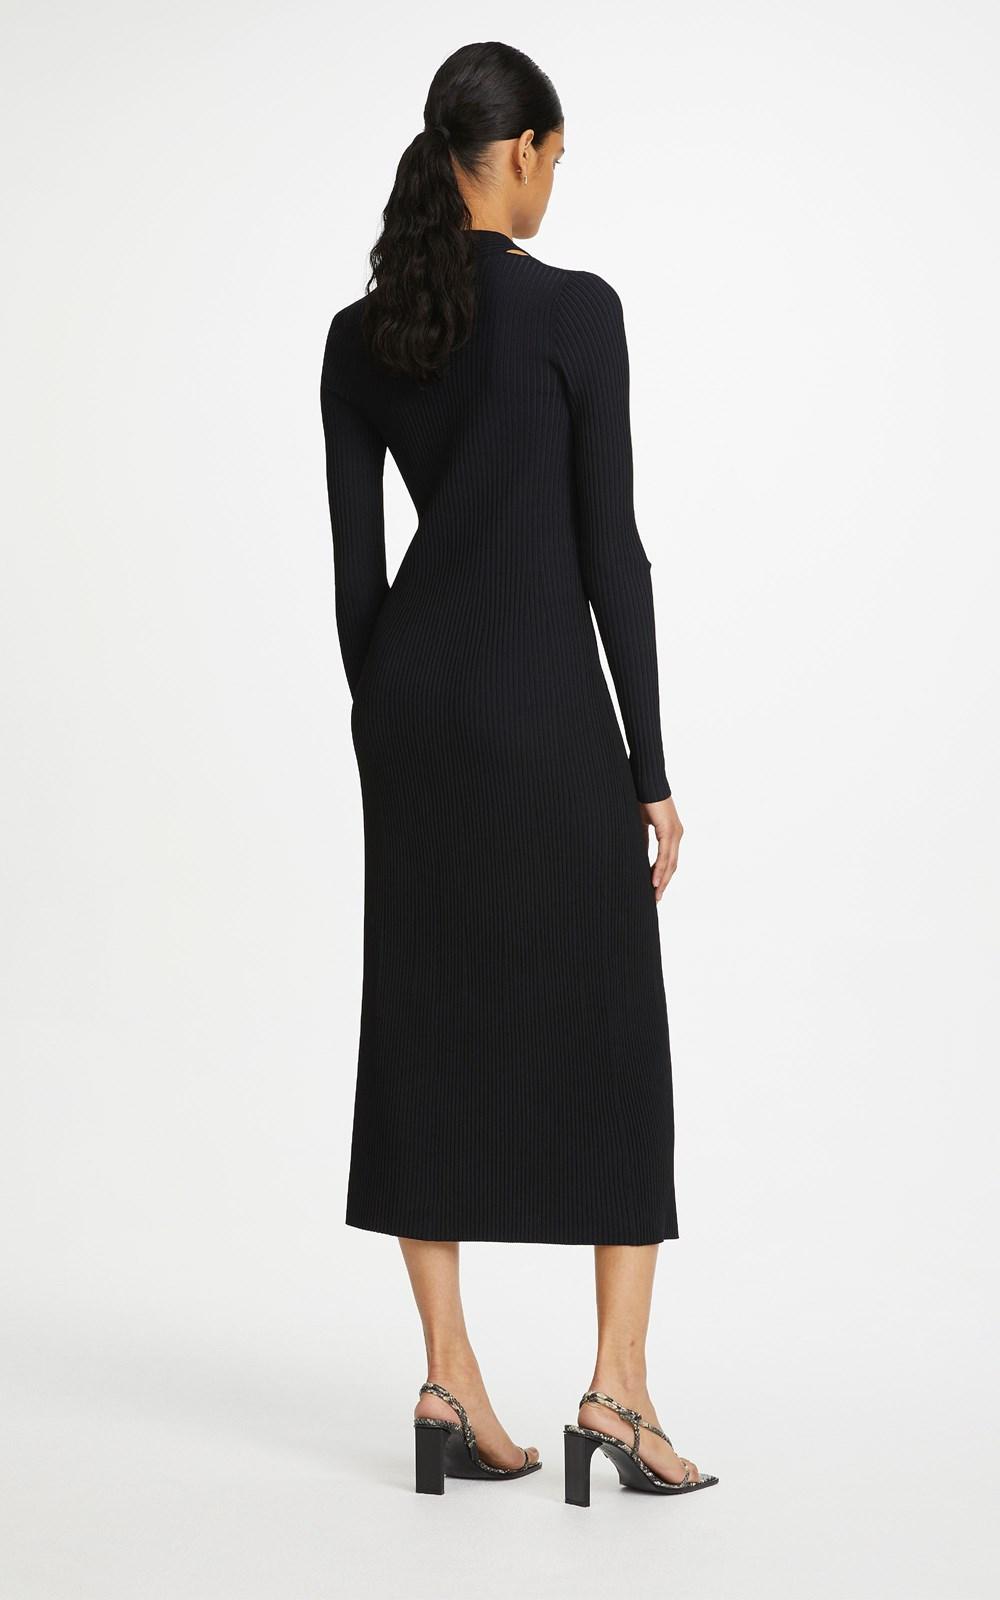 Knitwear | CABLE TWIST DRESS